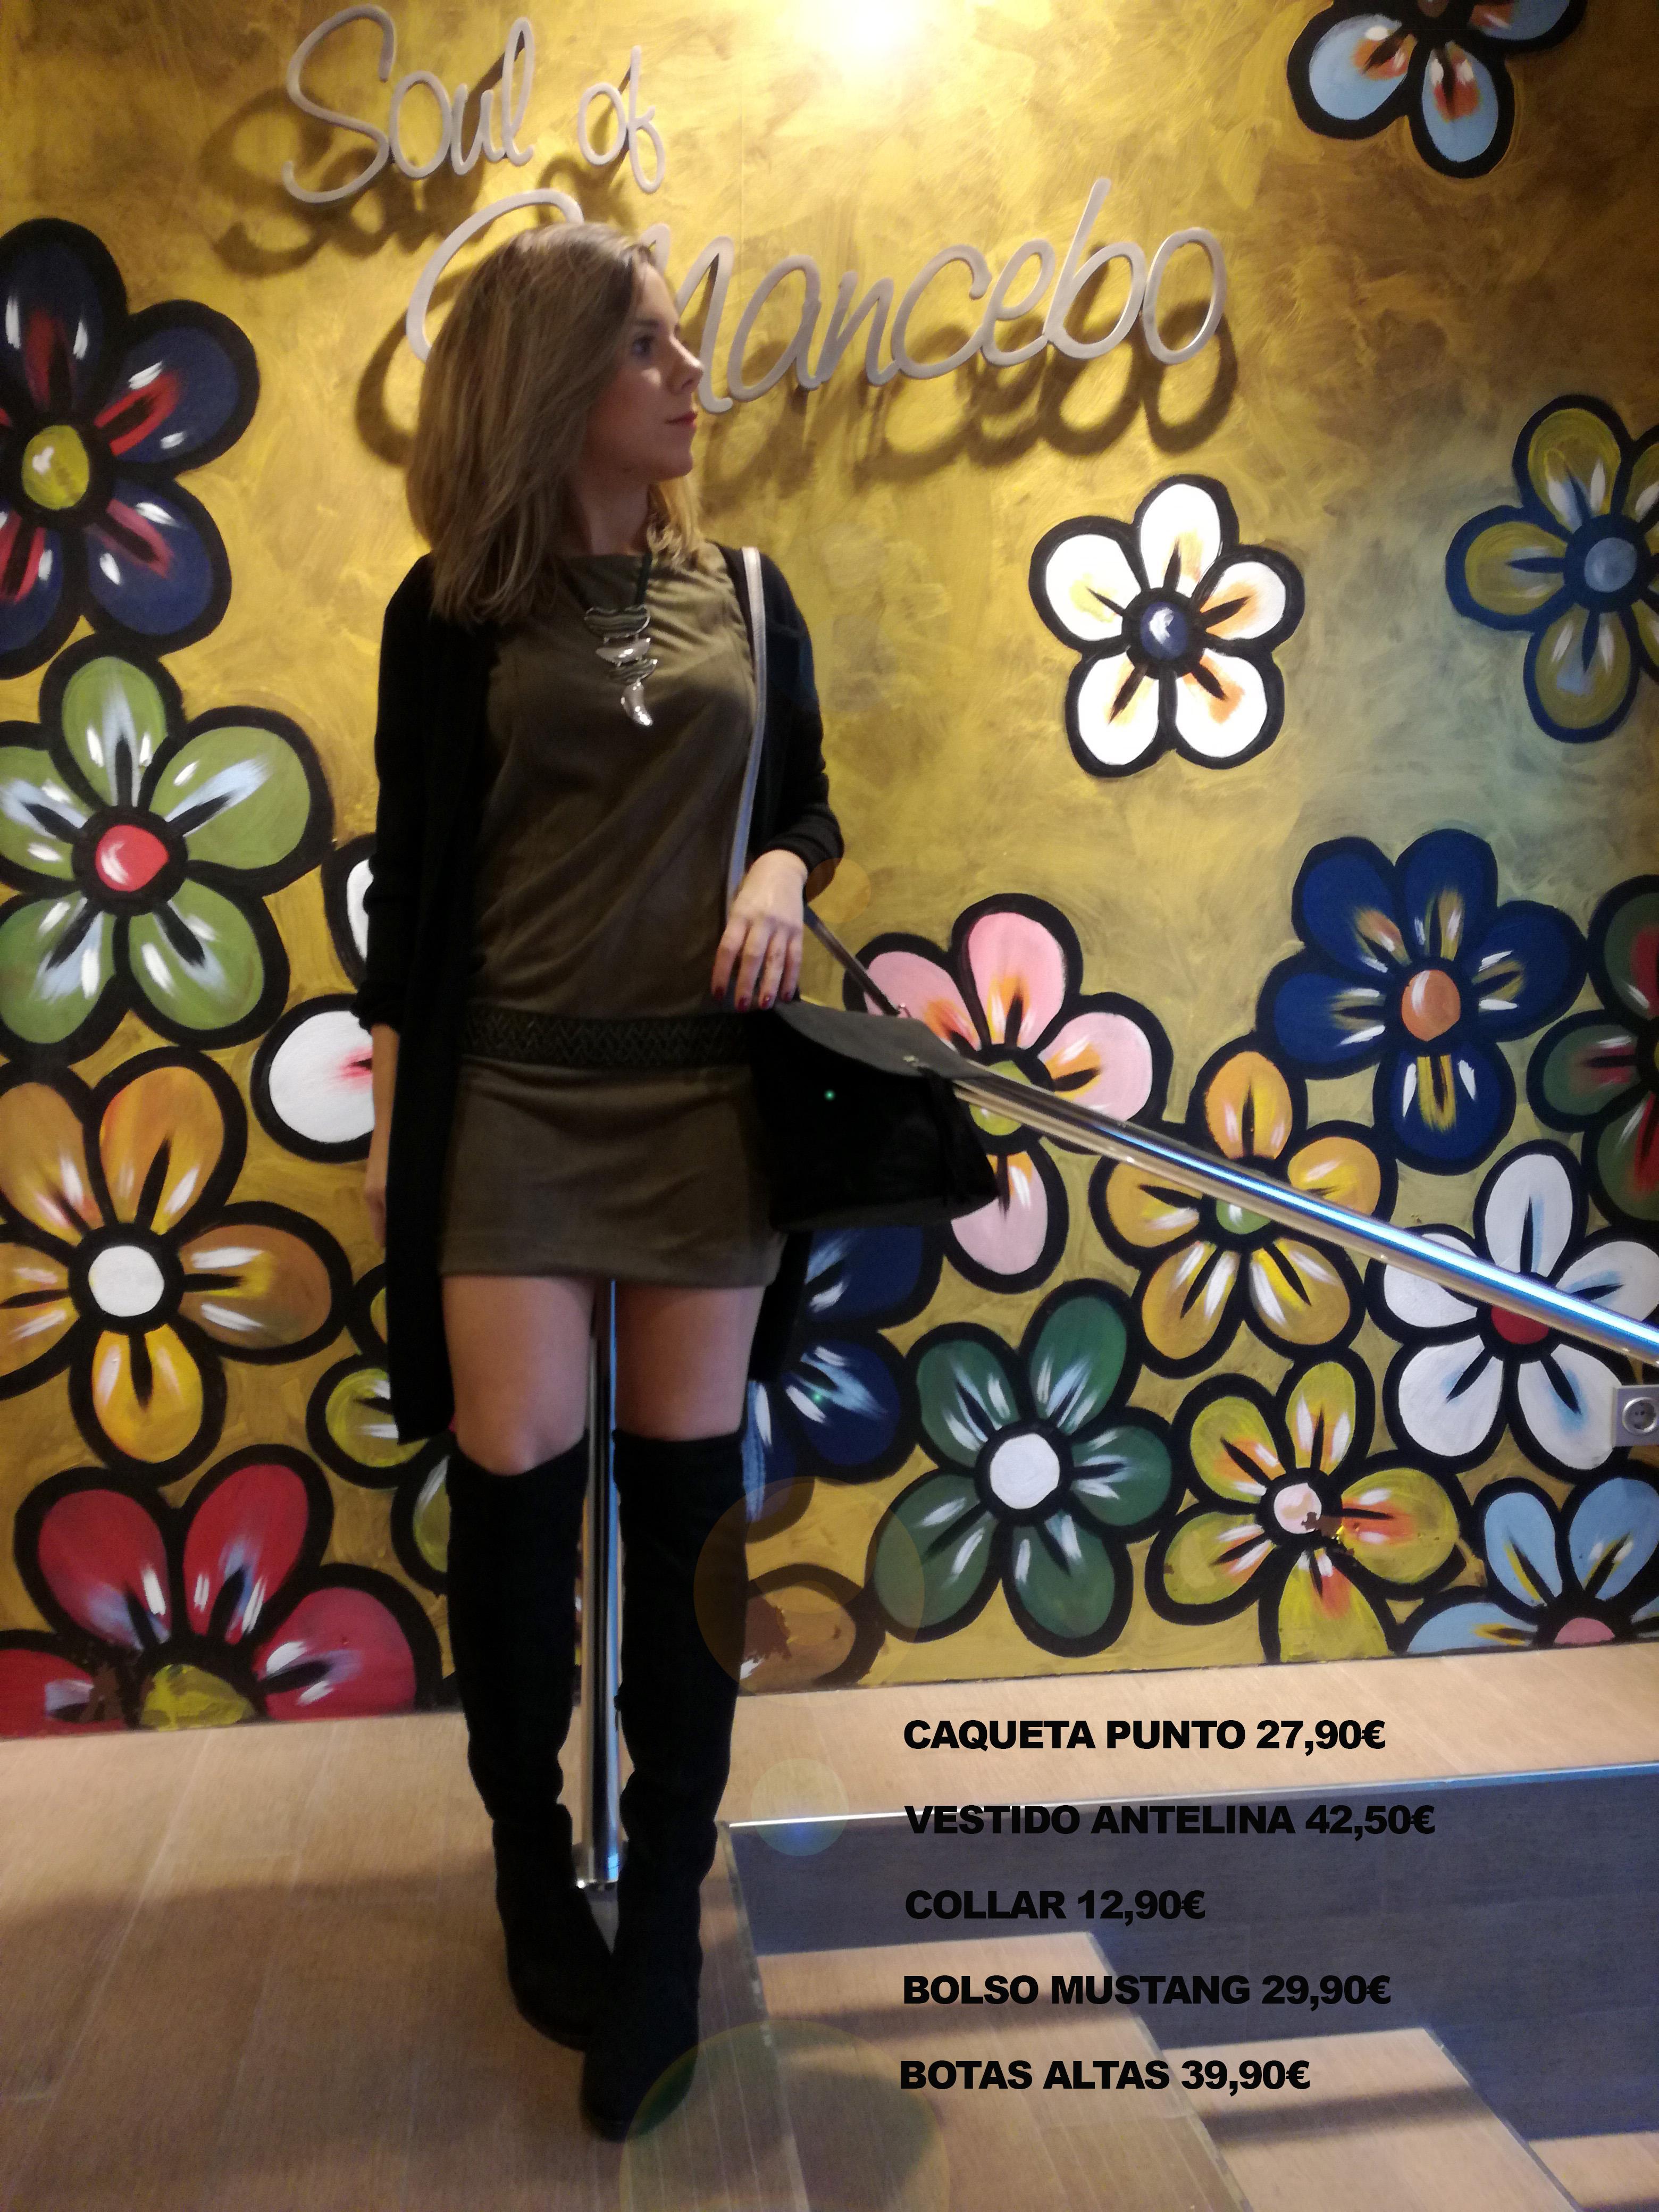 El look de hoy! Un vestido de moda con unas botas altas que hacen de este look un estilo impresionante! Esperamos que os guste! Ven a vernos y disfruta comprando!!!